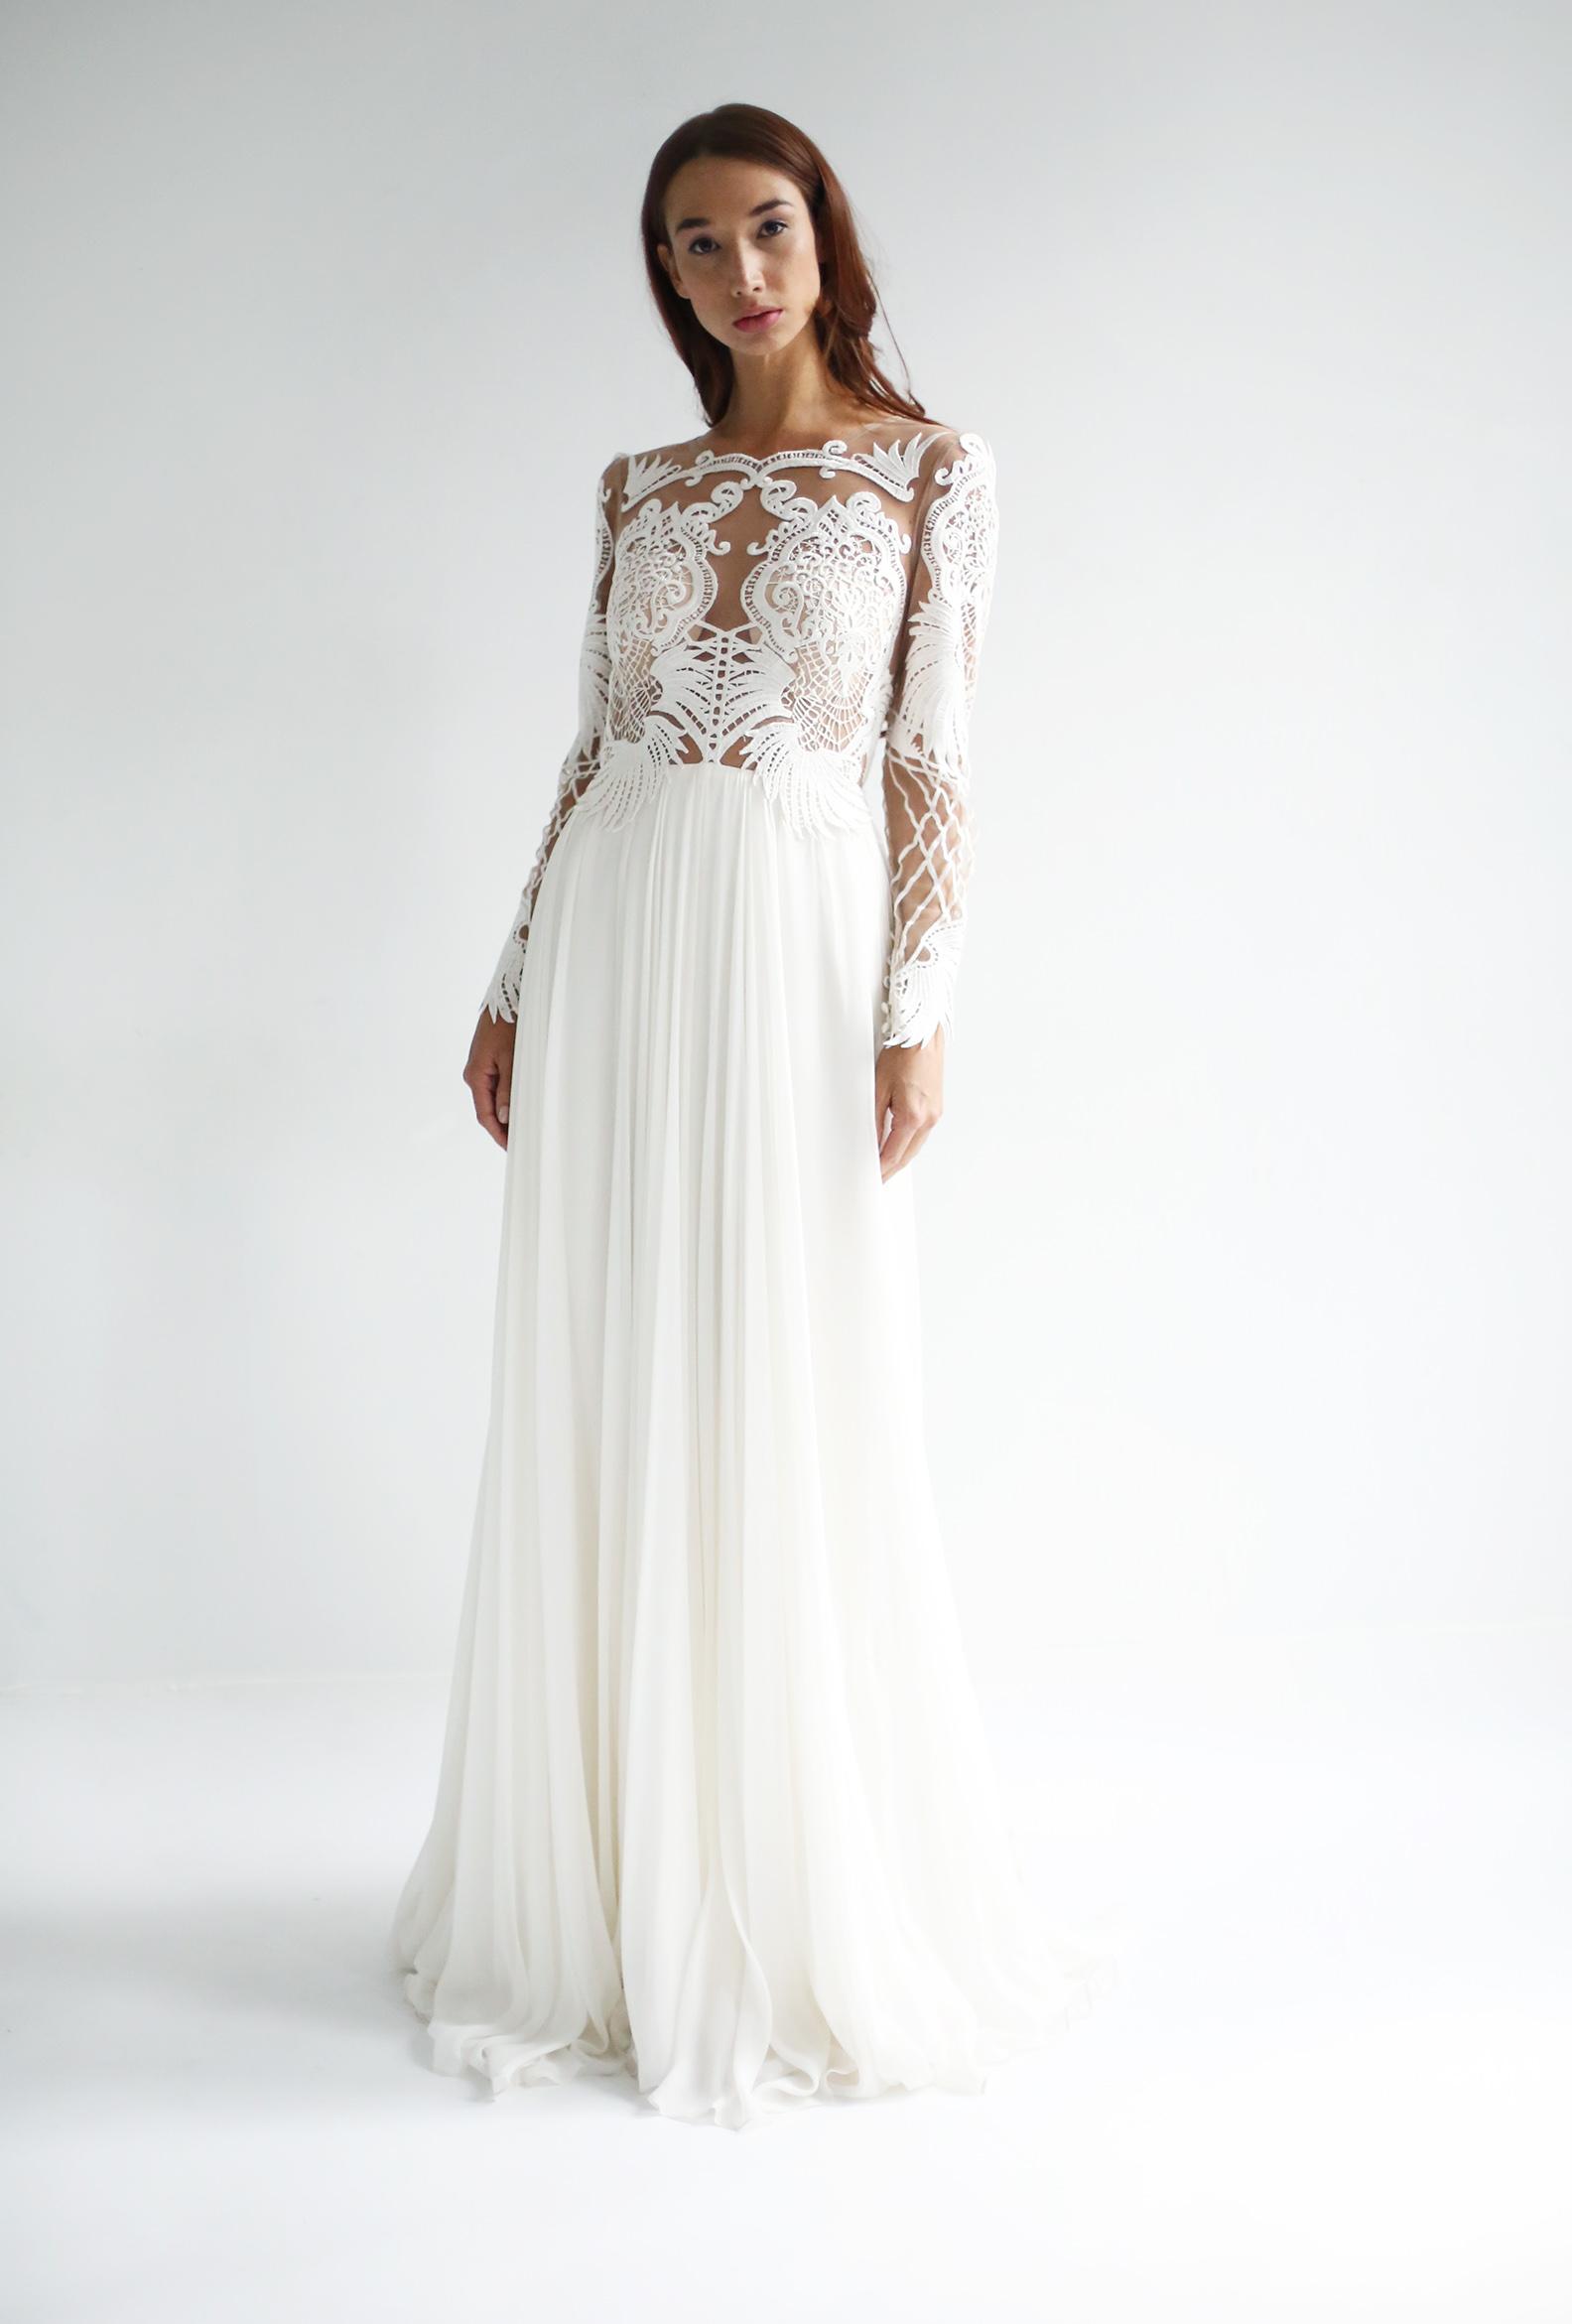 leanne-marshall-bridal-28.jpg